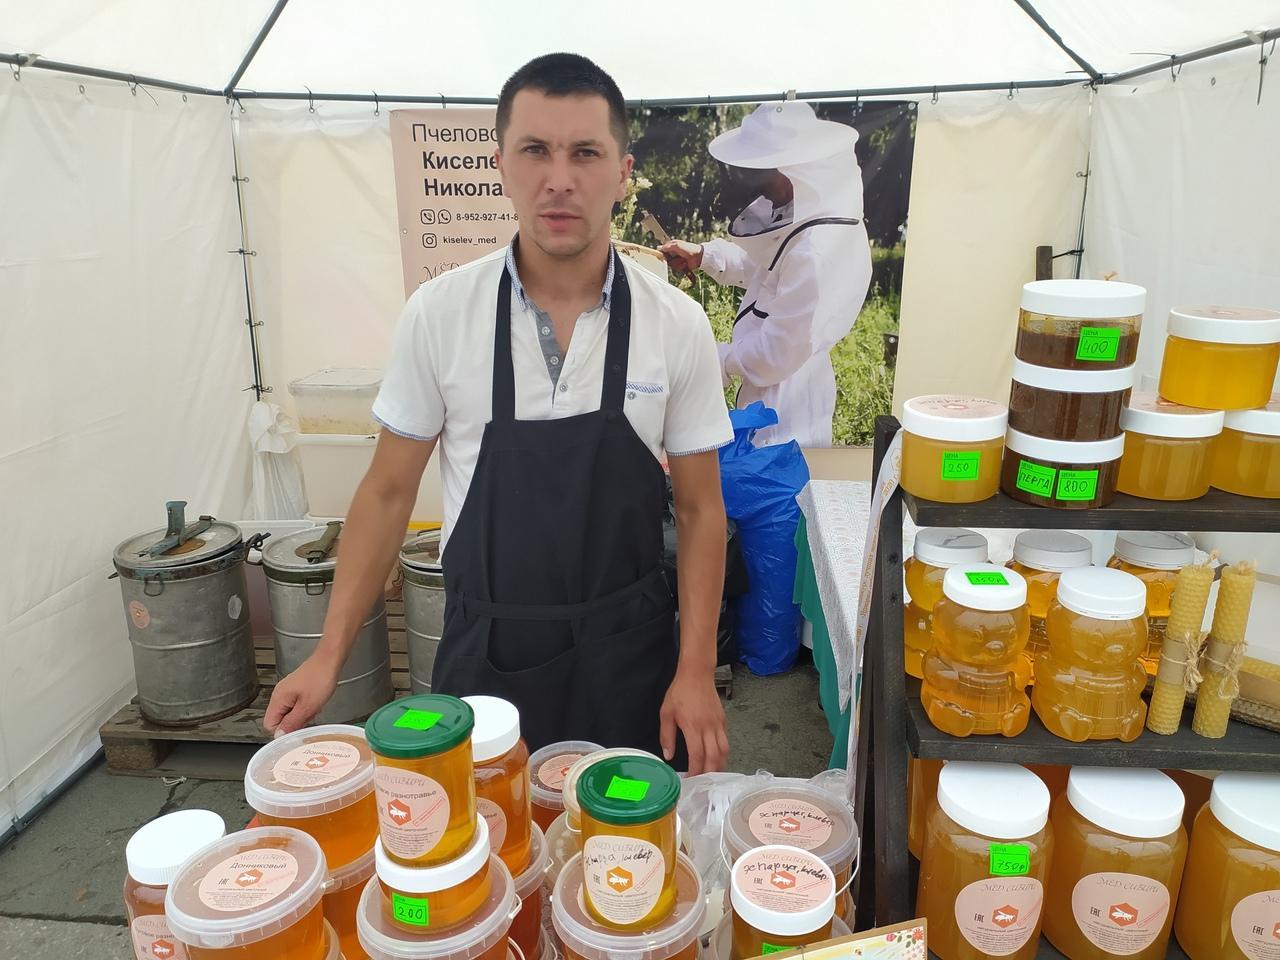 Фото Лизнуть и поставить на весы: в Новосибирске пасечники раскрыли секреты настоящего мёда 8